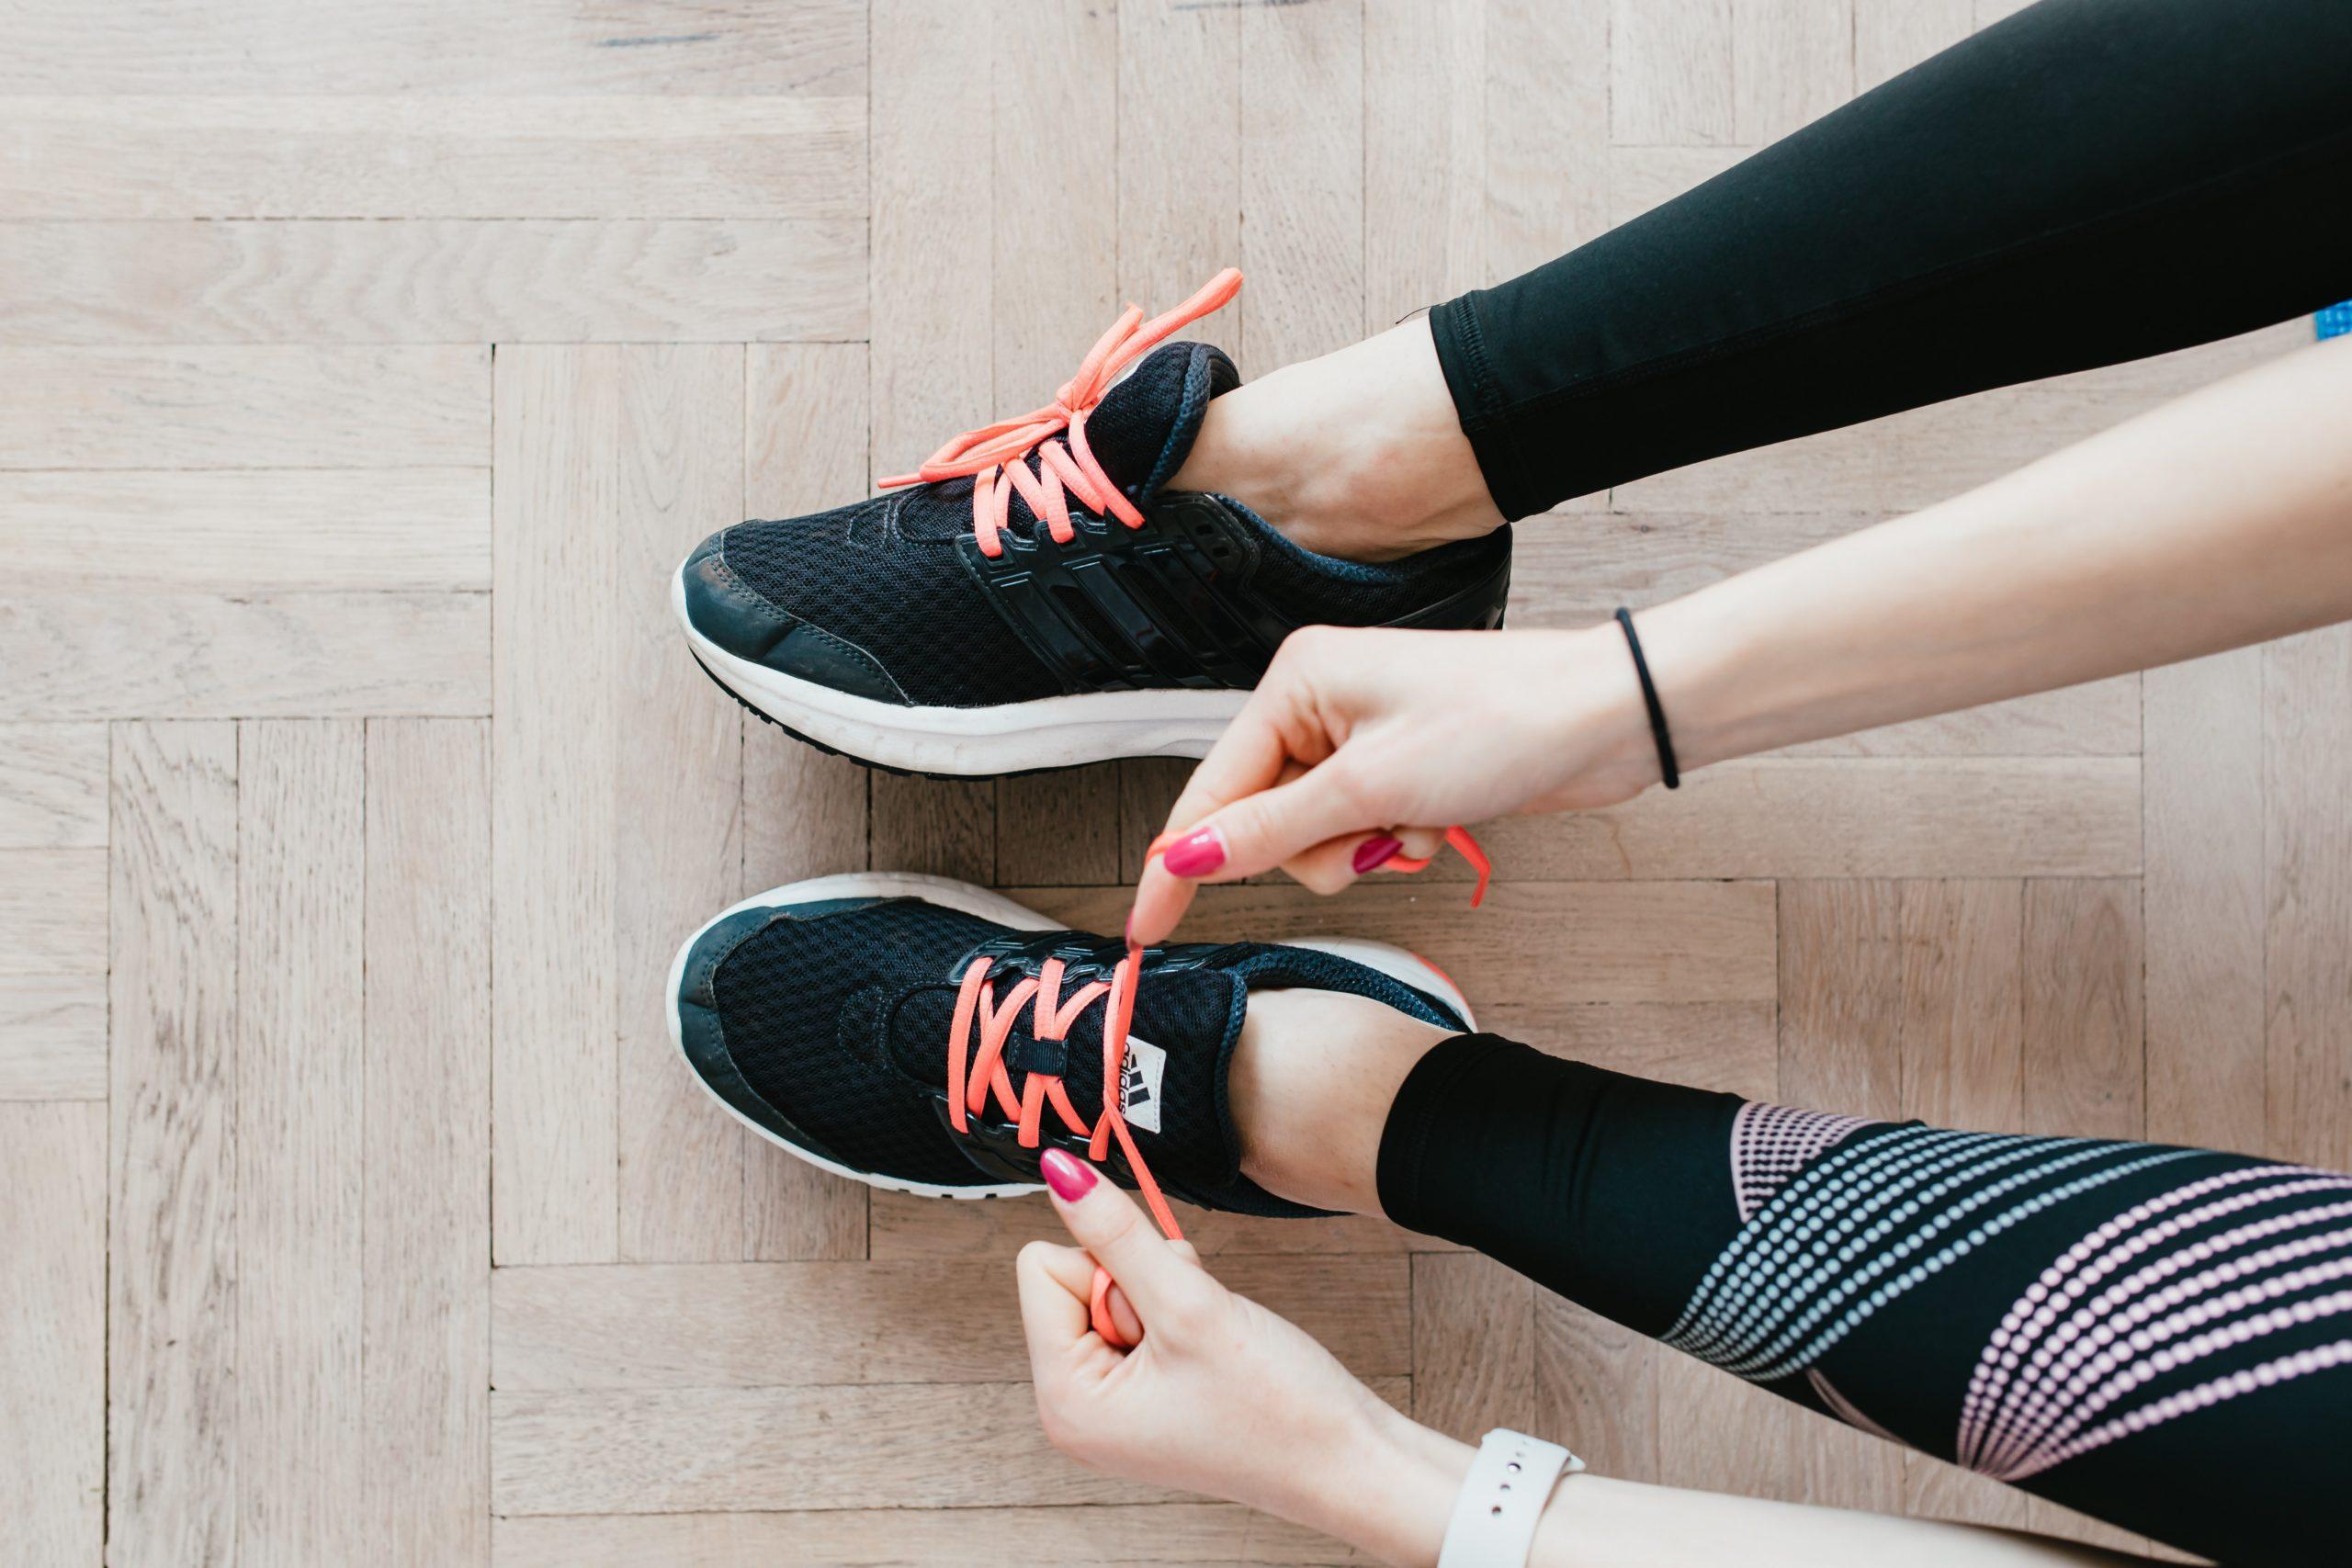 Завязывает кроссовки